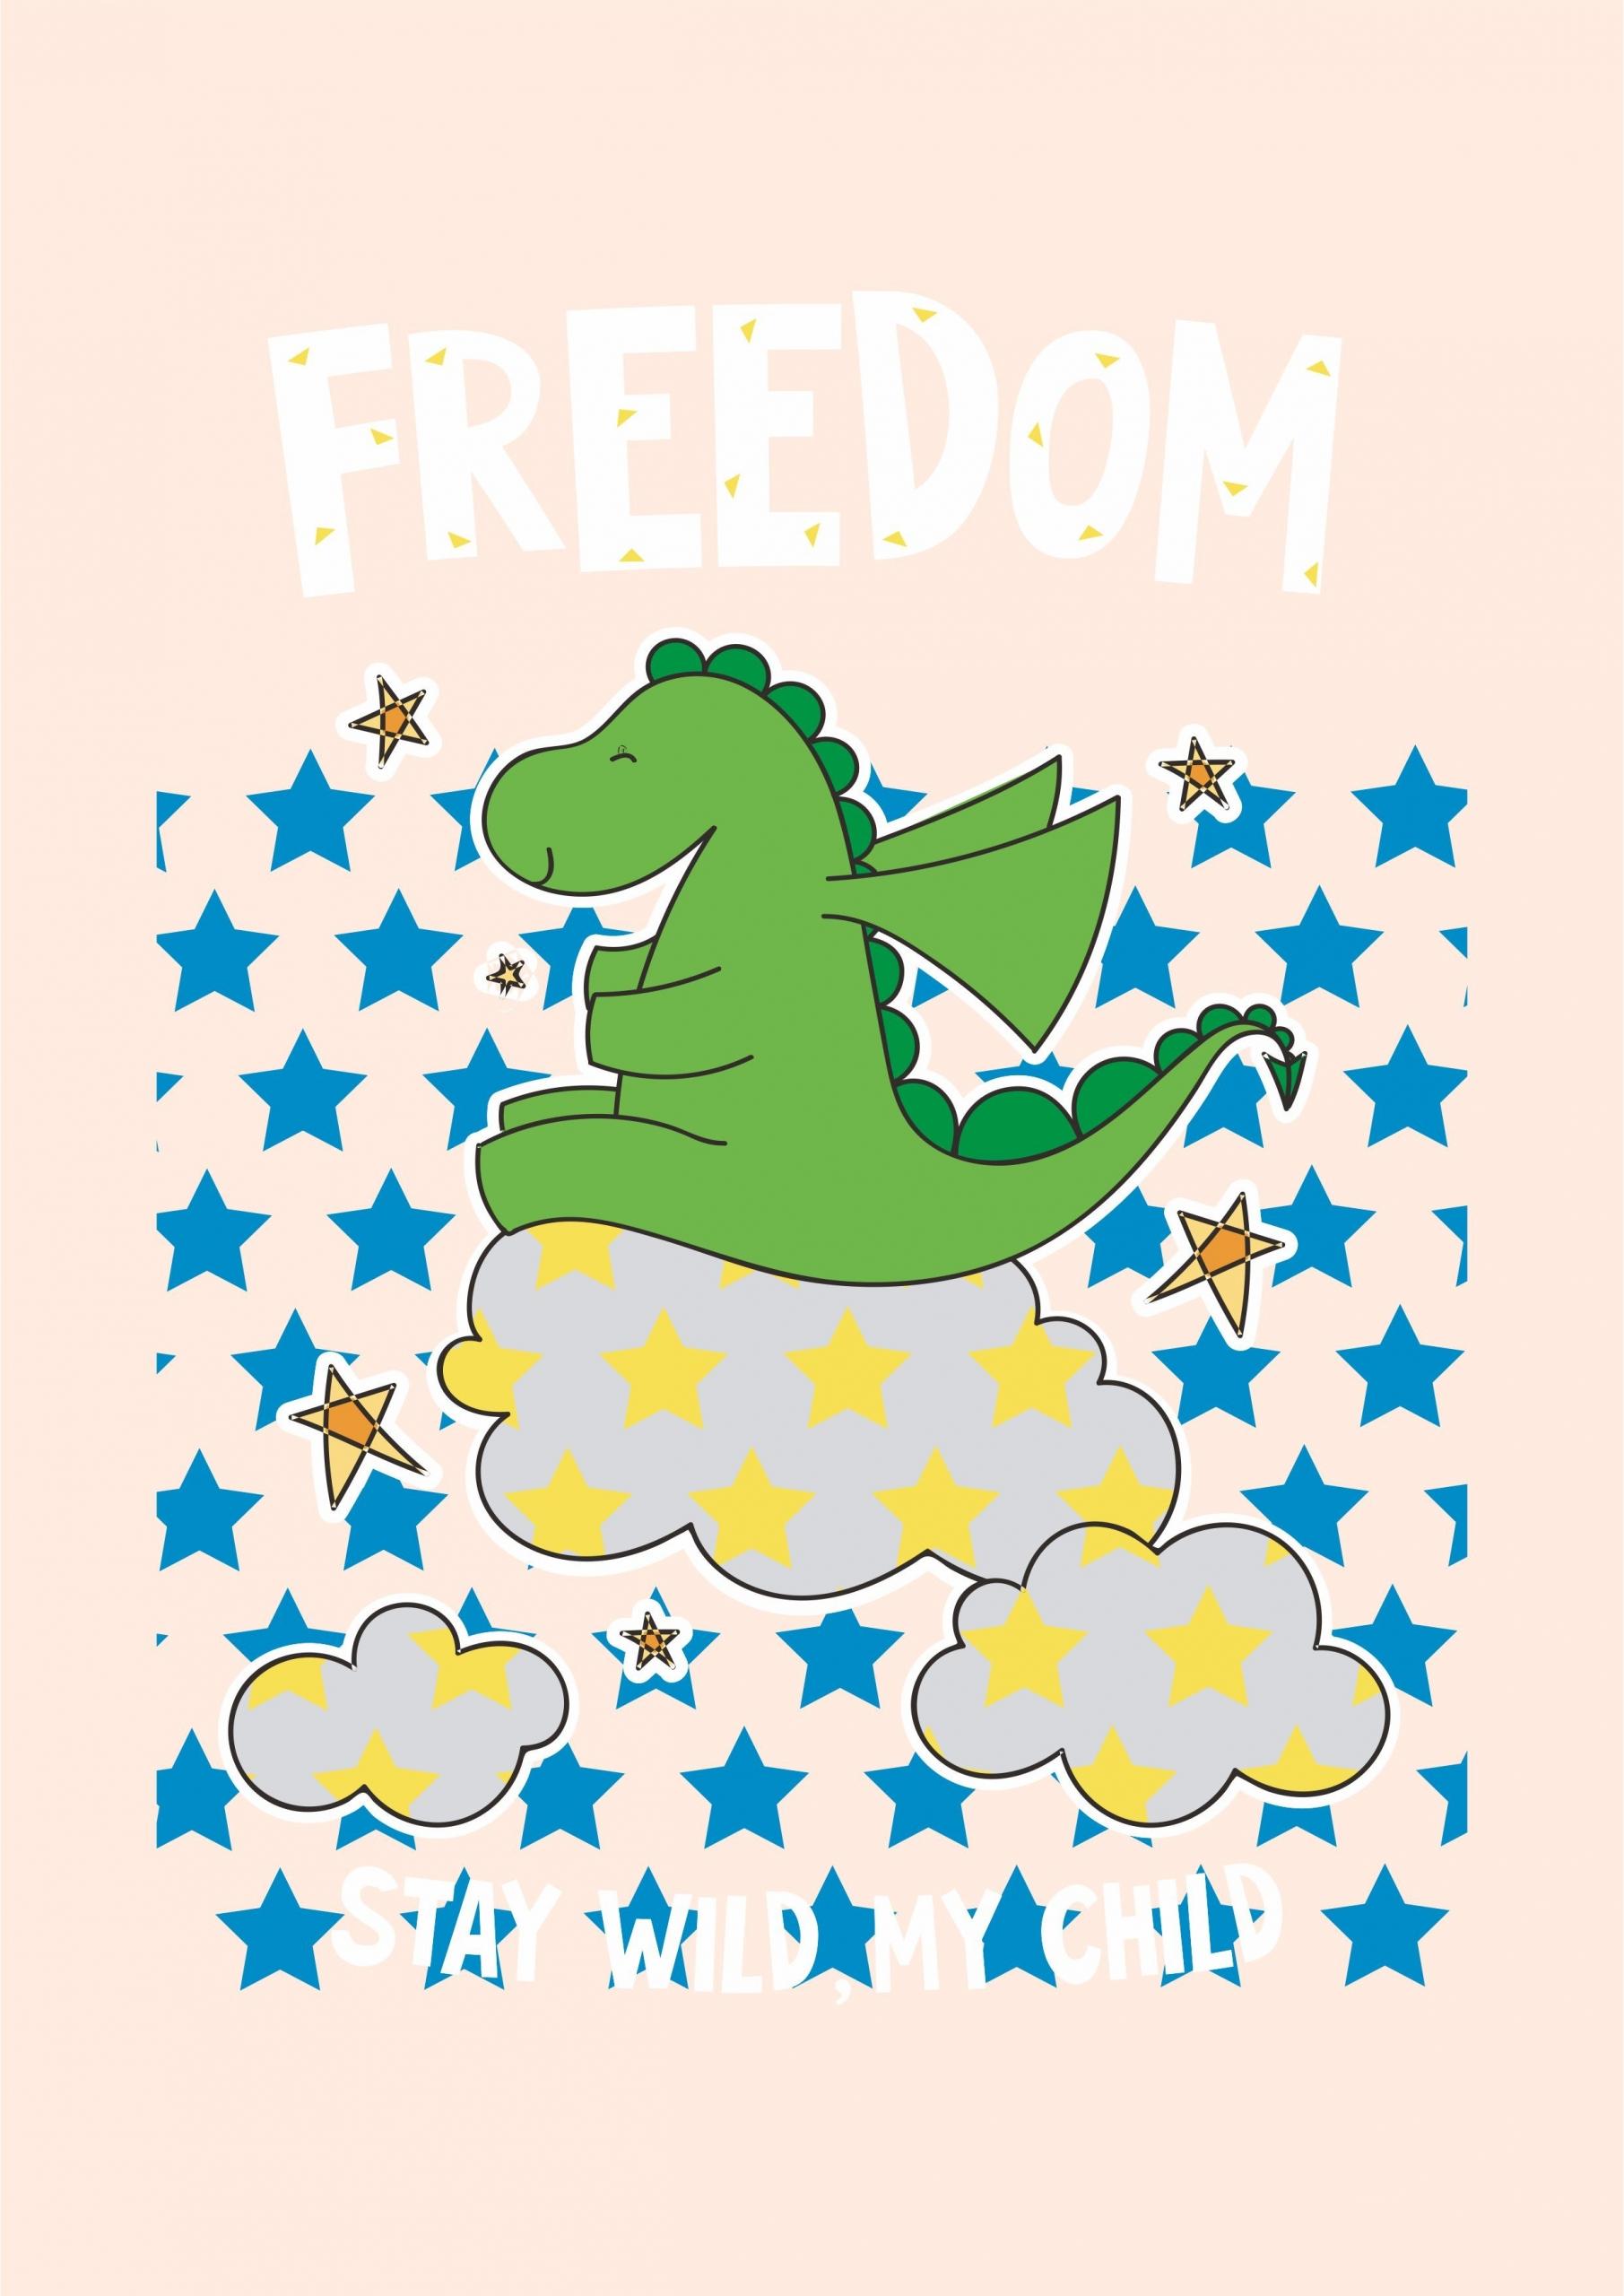 卡通动漫恐龙云朵字母星星拼接印花矢量图服装裁片T恤烫图印花花型素材-POP花型网